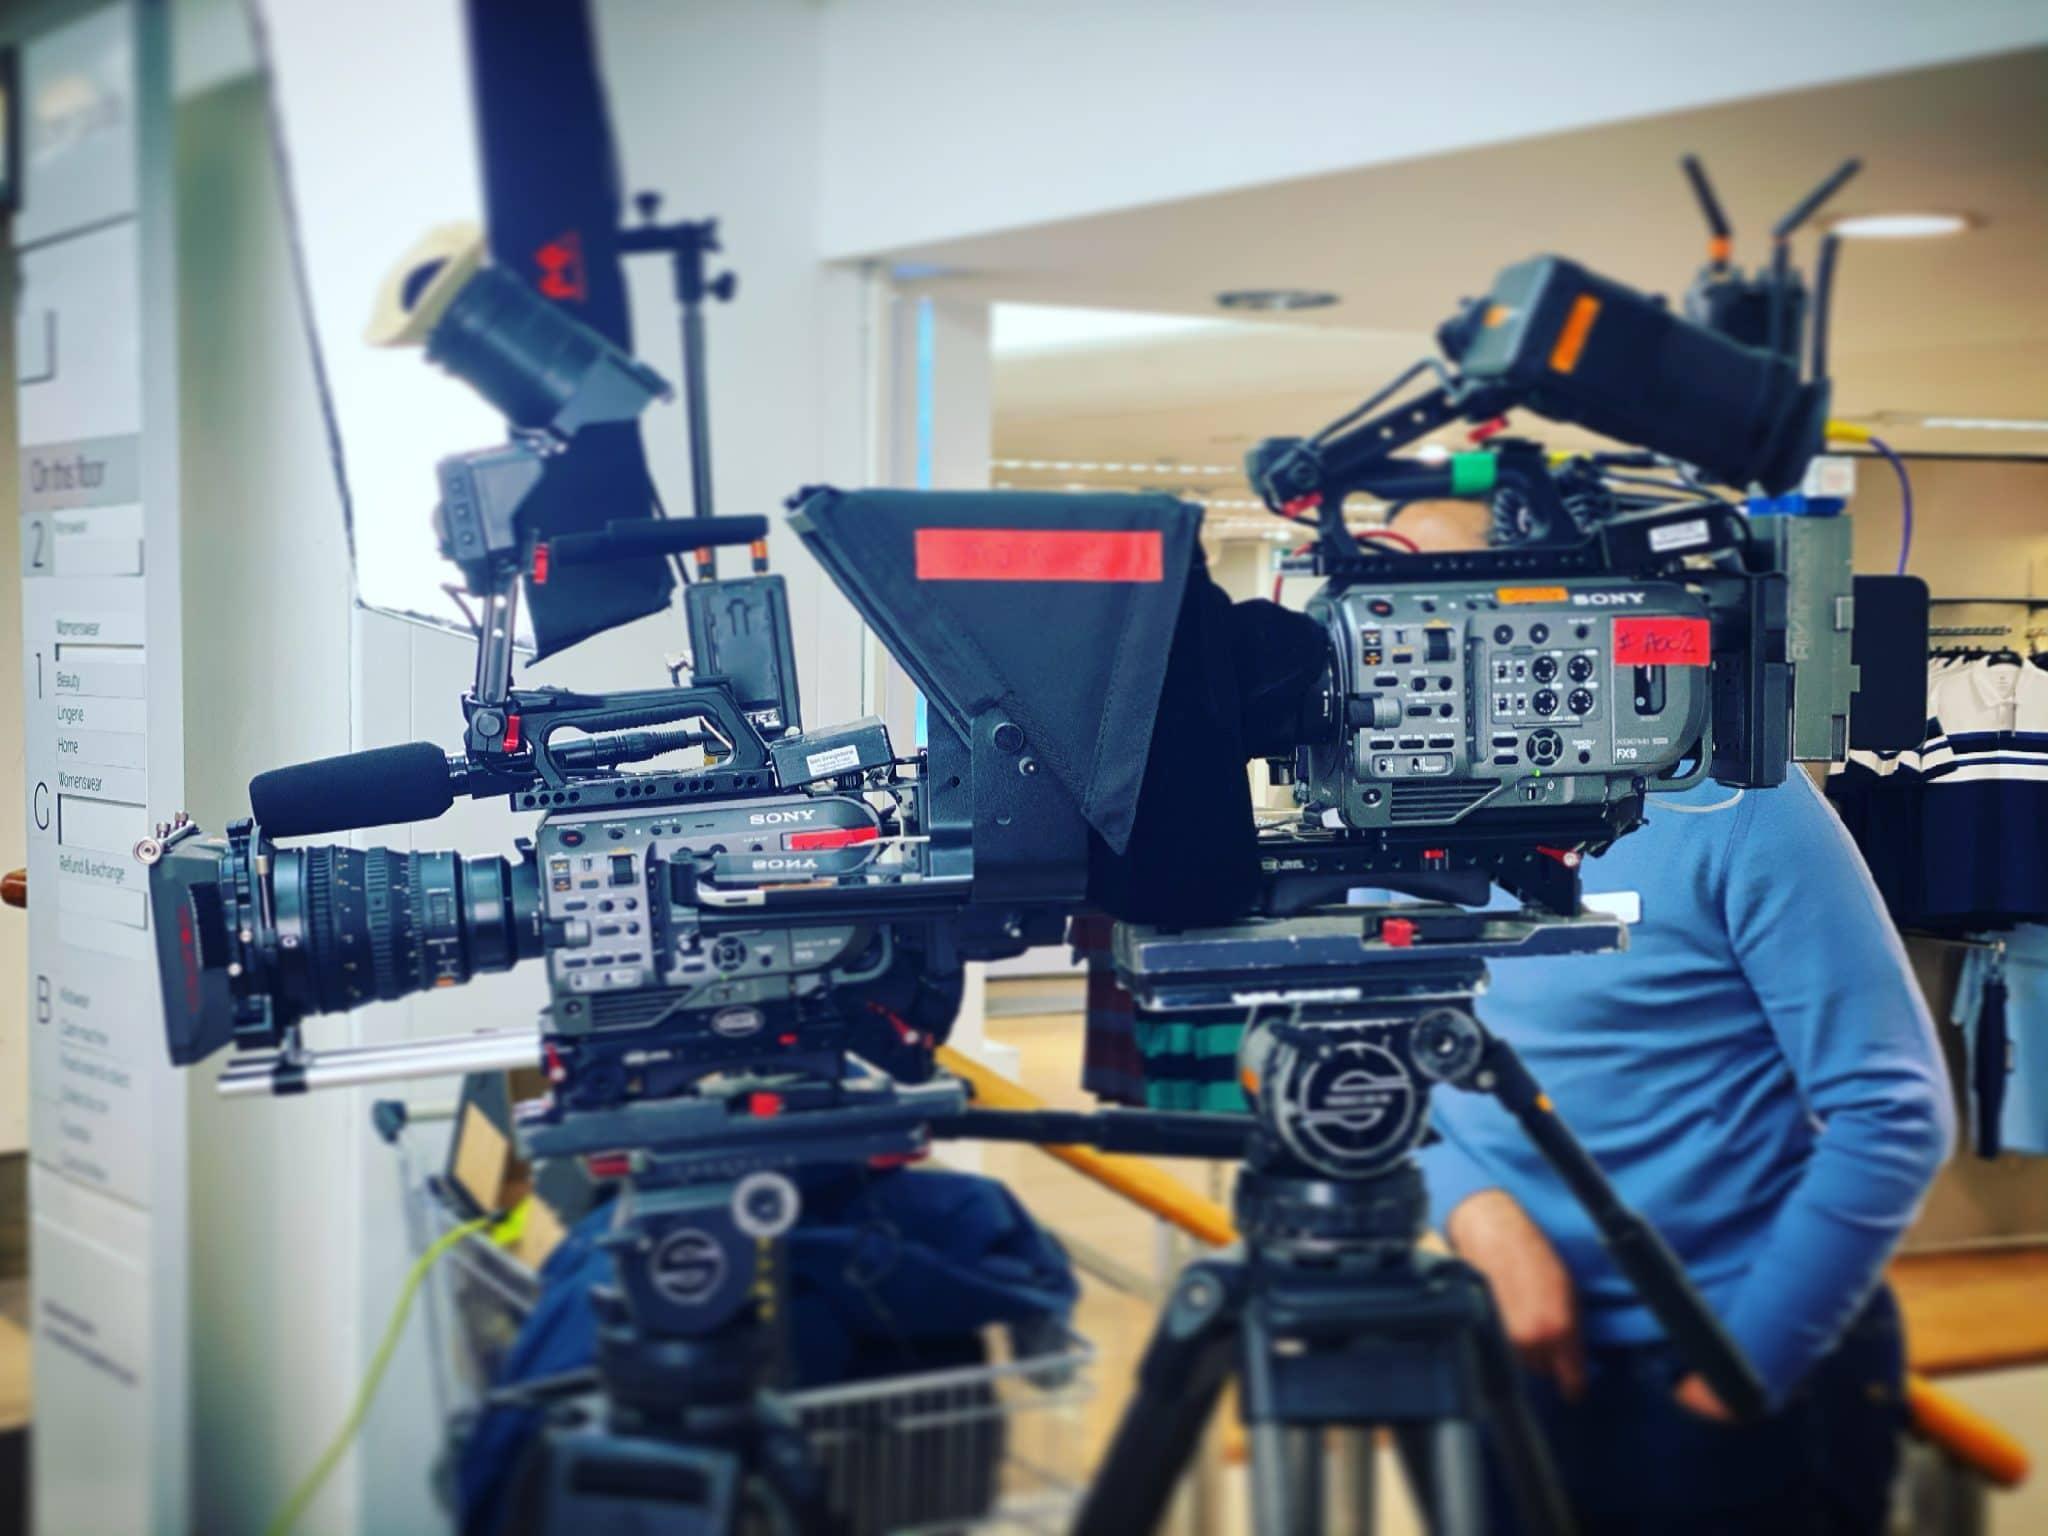 2 x Sony Fx9 cameras & autocue